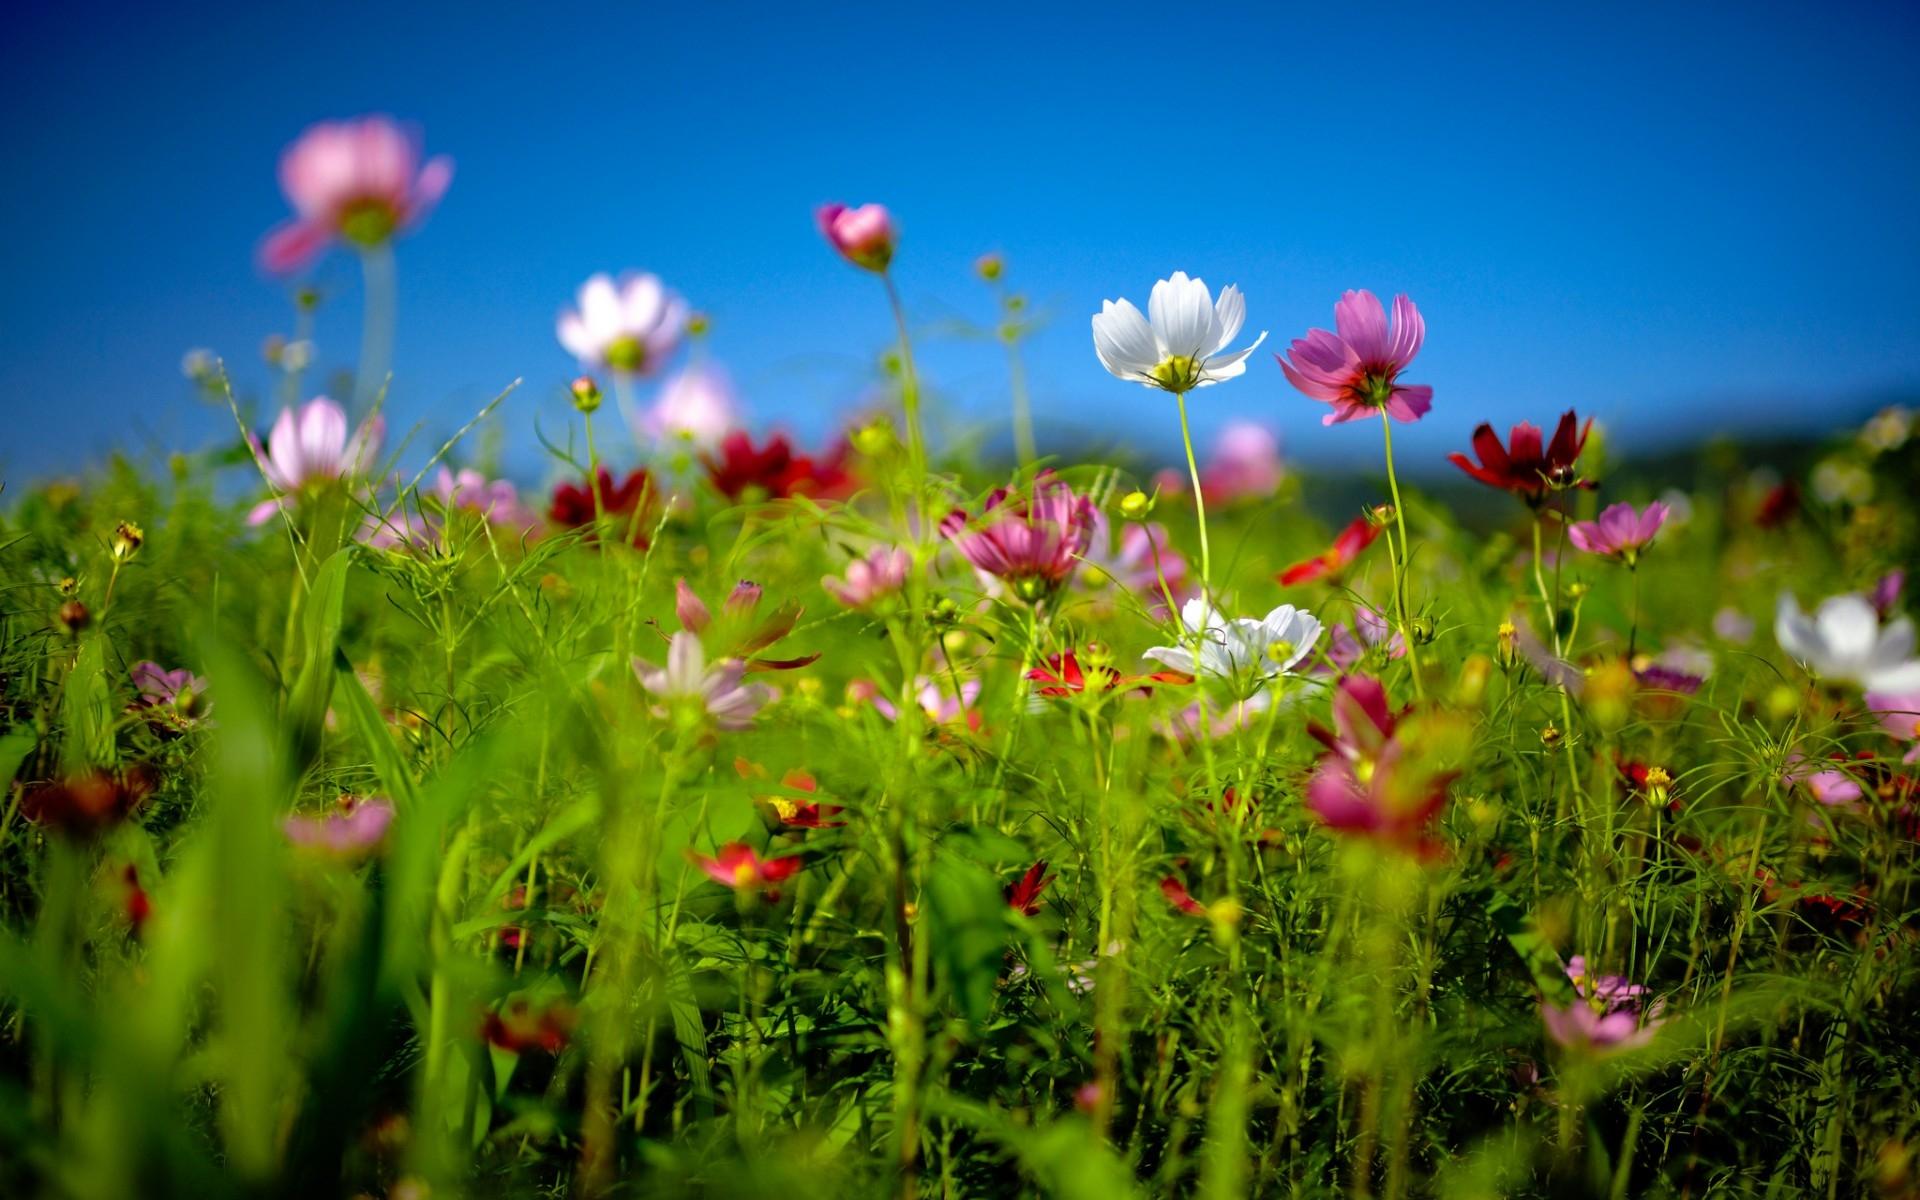 Sfondi hd natura fiori di primavera sfondi hd gratis for Immagini gratis per desktop primavera